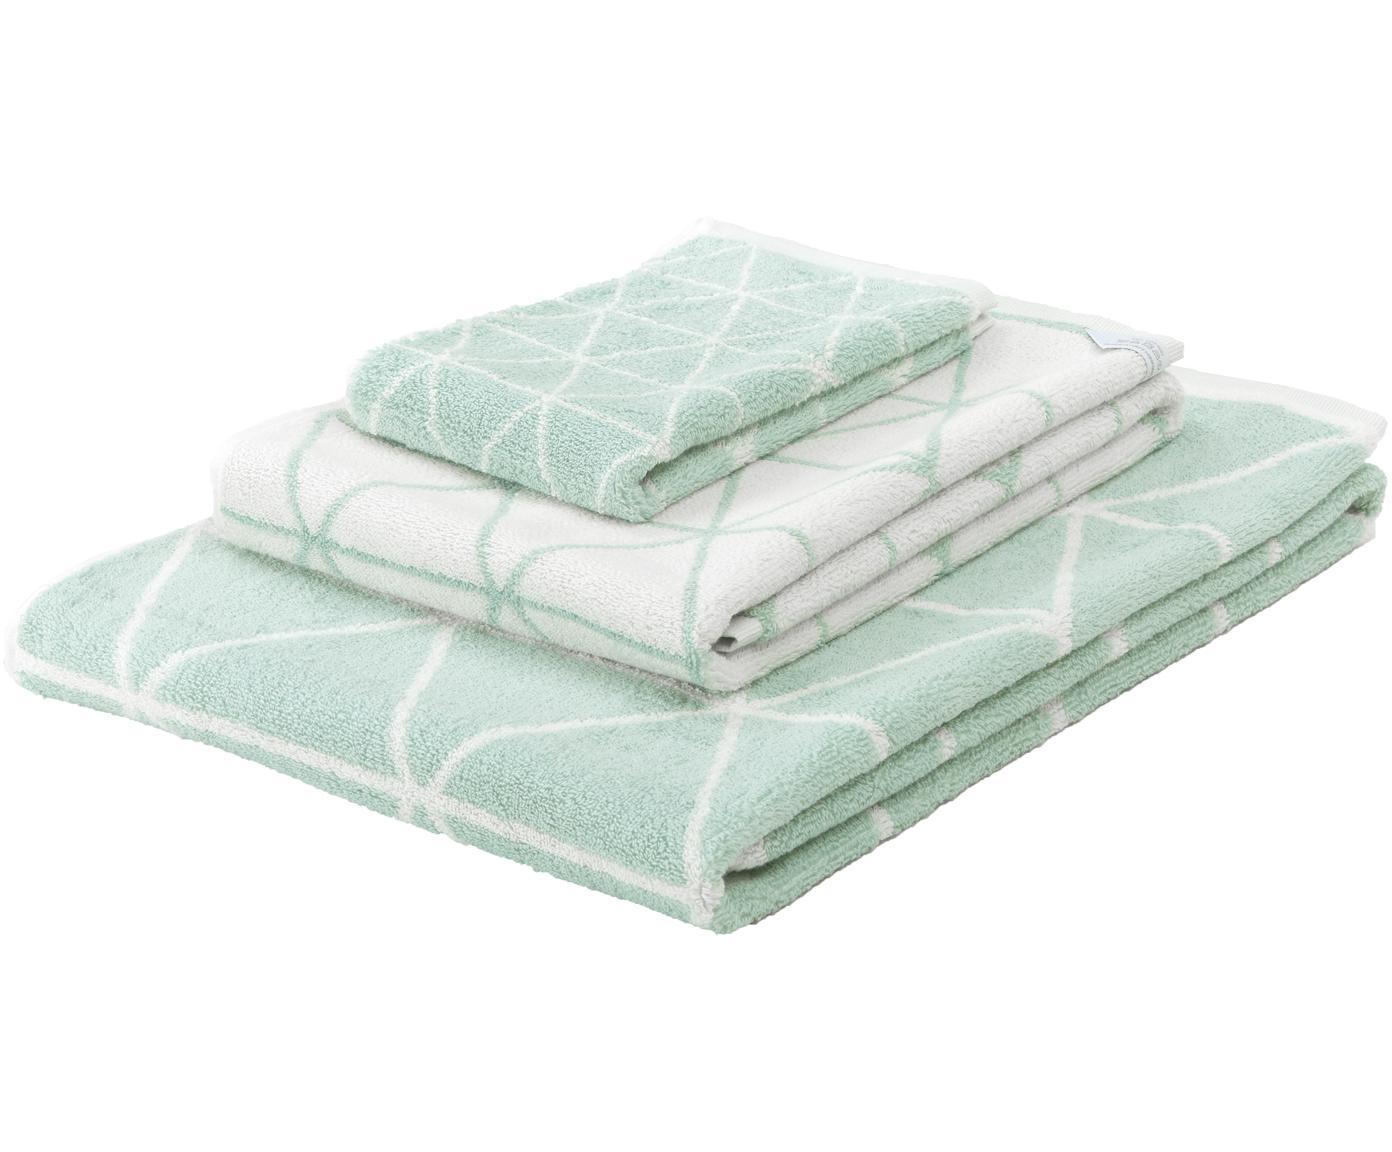 Dubbelzijdige handdoekenset Elina, 3-delig, 100% katoen, middelzware kwaliteit, 550 g/m², Mintgroen, crèmewit, Verschillende formaten